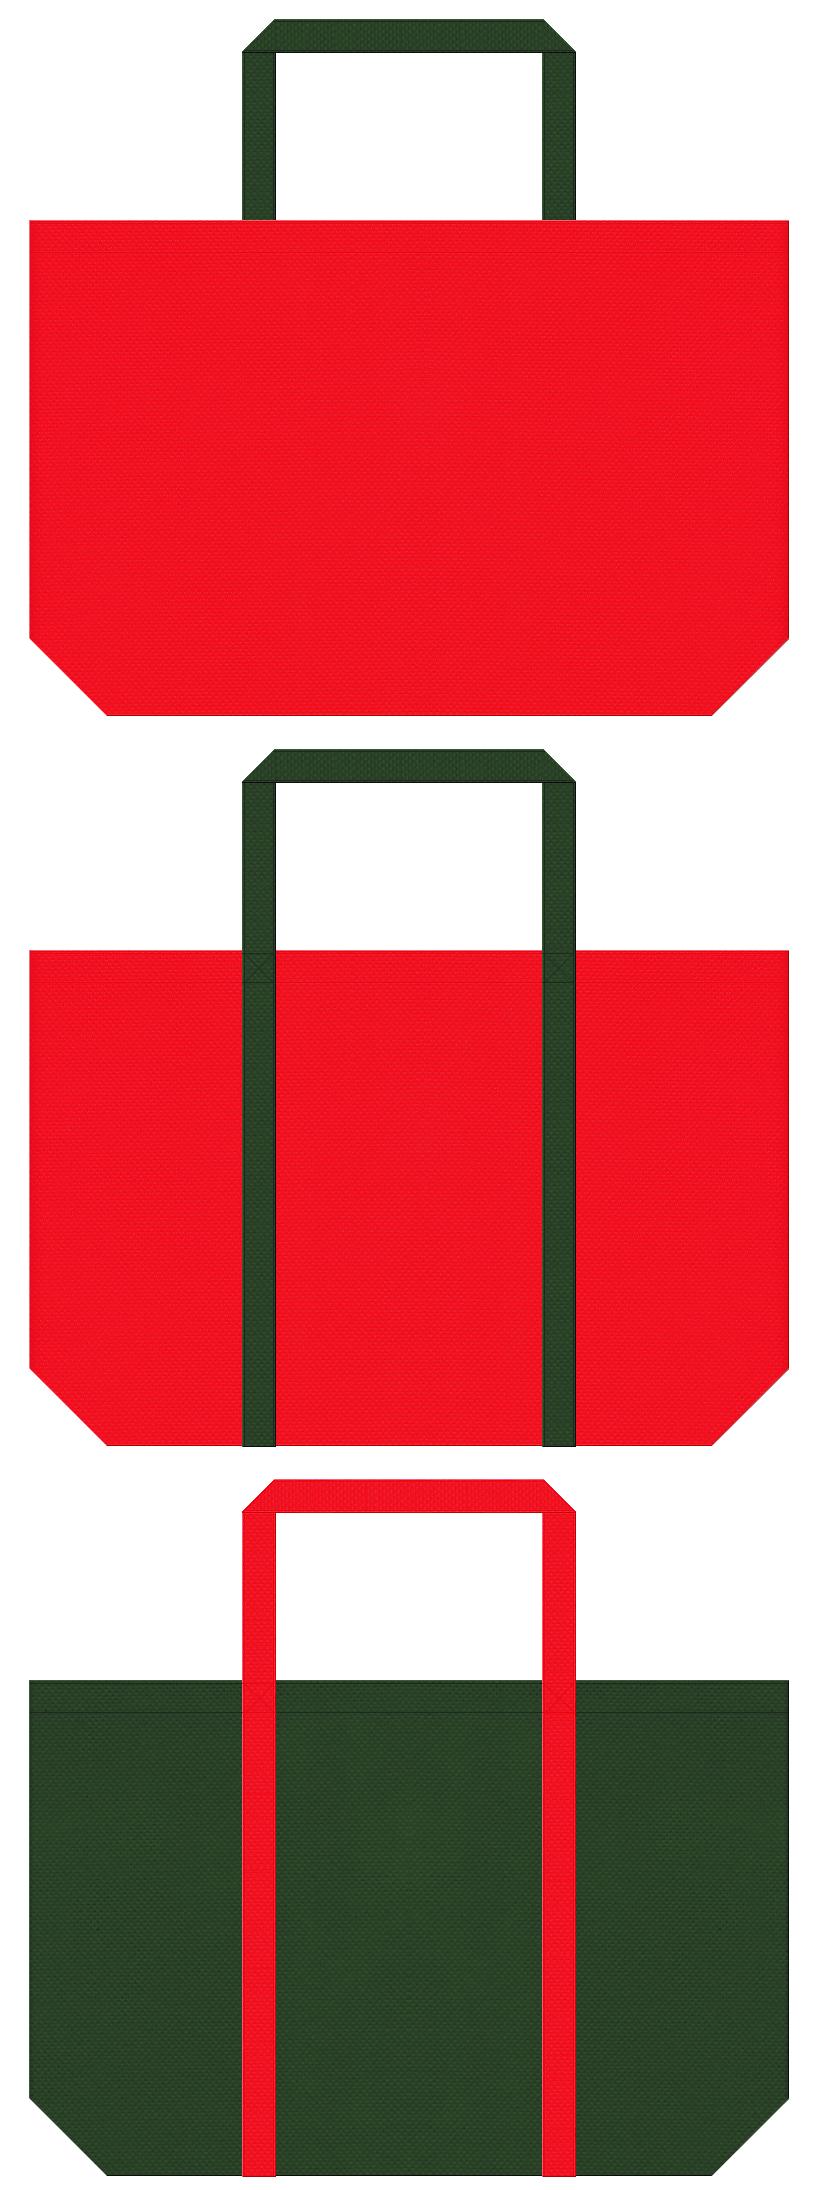 トマト・スイカ・イチゴ・クリスマスセールにお奨めの不織布バッグデザイン:赤色と濃緑色のコーデ